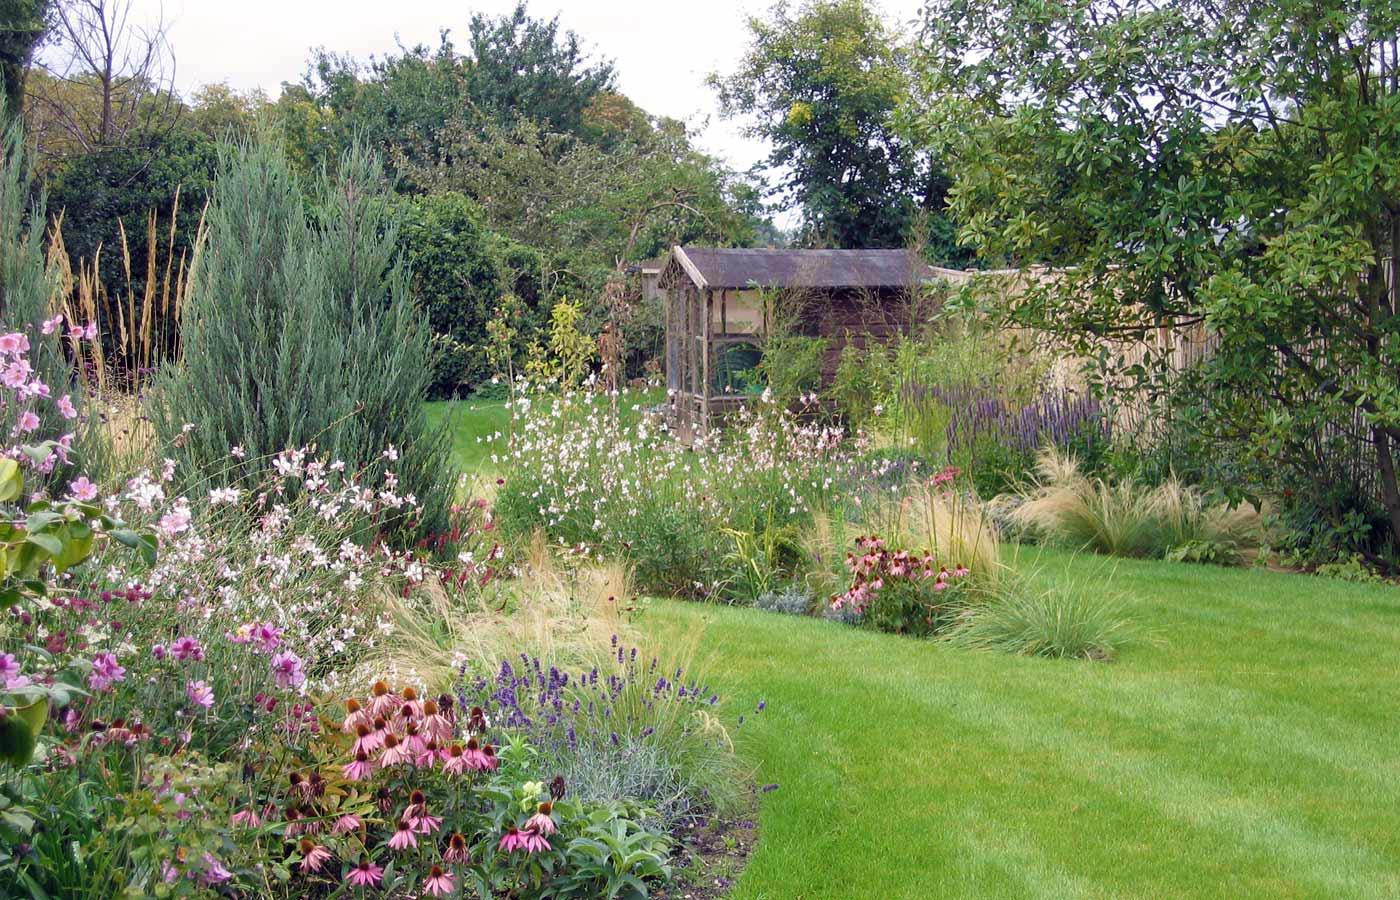 """Zahrada - inspirace - Moc hezky rozdělená zahrada - najdeme zde kavyl (okrasná tráva s """"vlasy""""), dále růžovou echinaceu, svíčkovec (bílé drobné kytičky - gaura), fialovou levanduli a šalvěj, bezkolenec a také jalovec skyrocket (podobný je i bluearrow)"""